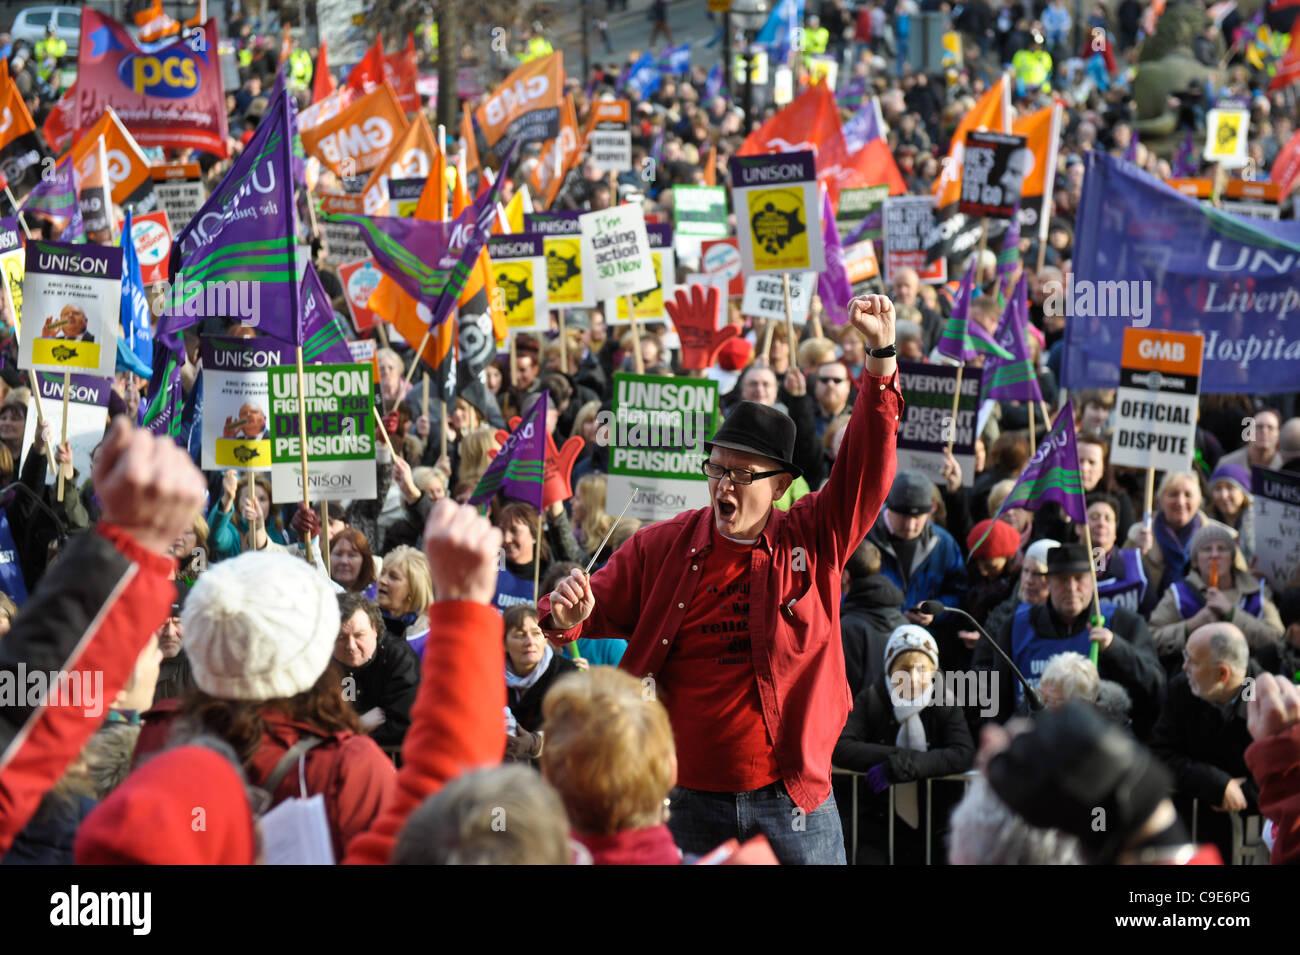 Liverpool, Regno Unito. 30 Novembre, 2011. Settore pubblico percussori rally presso il St George's Hall di Liverpool. Immagini Stock